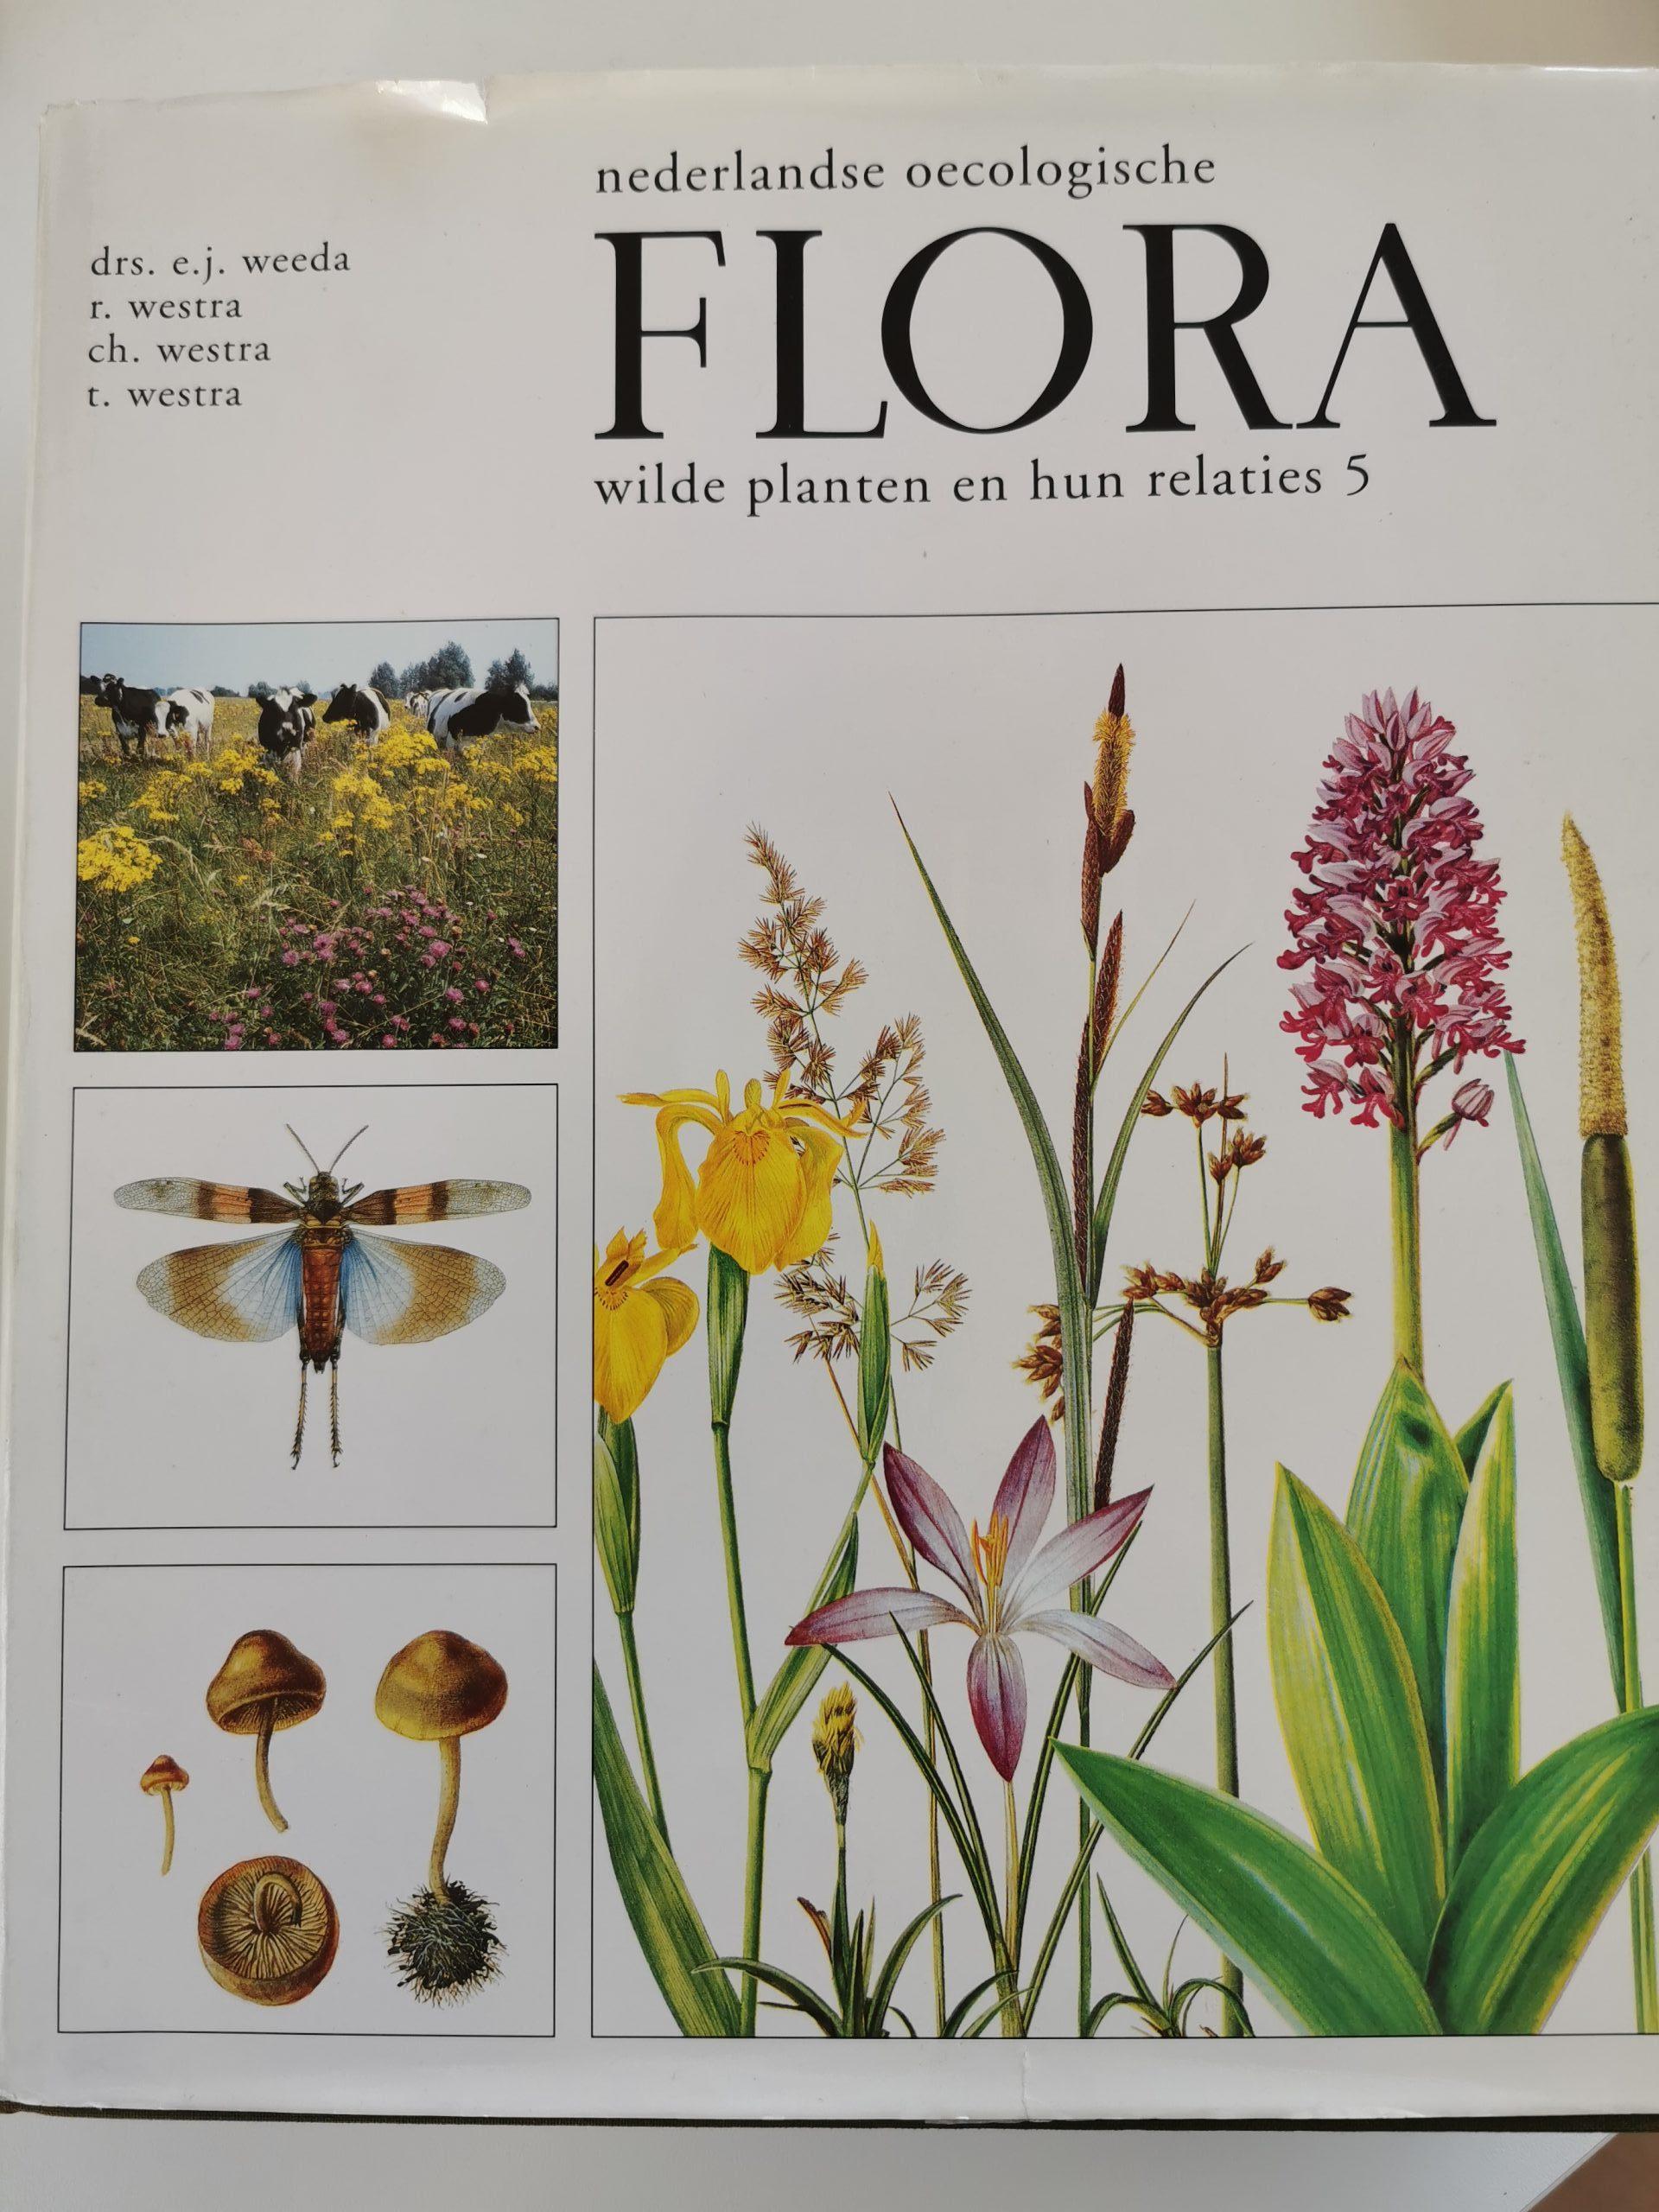 Nederlandse oecologische flora, wilde planten en hun relaties 5